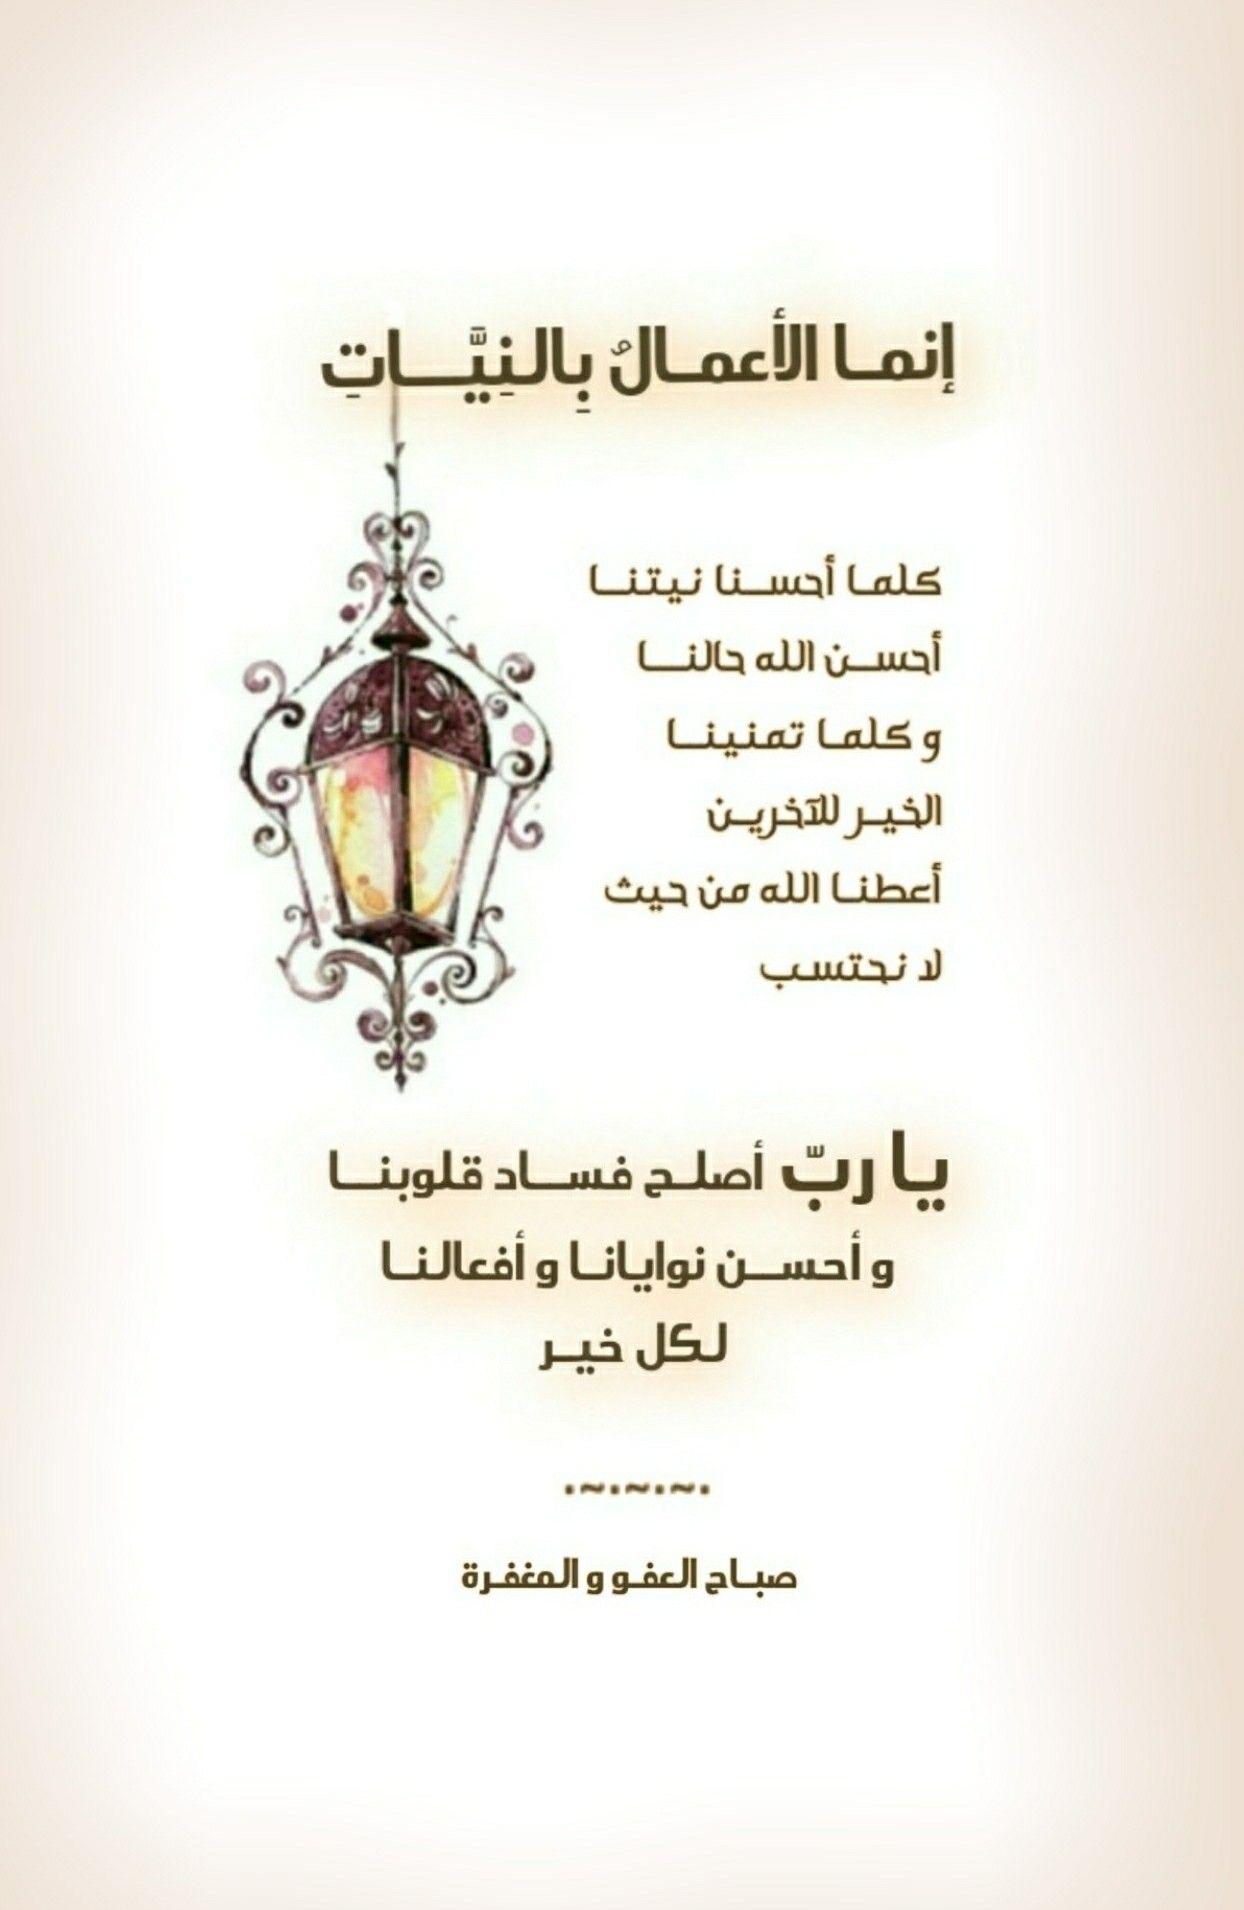 إنمـا الأعمـال ب الن ي ــات كلمـا أحســنا نيتنــا أحســن الله حالنـــا و كلمـا تمنينــا ا Good Morning Greetings Morning Greeting Beautiful Arabic Words